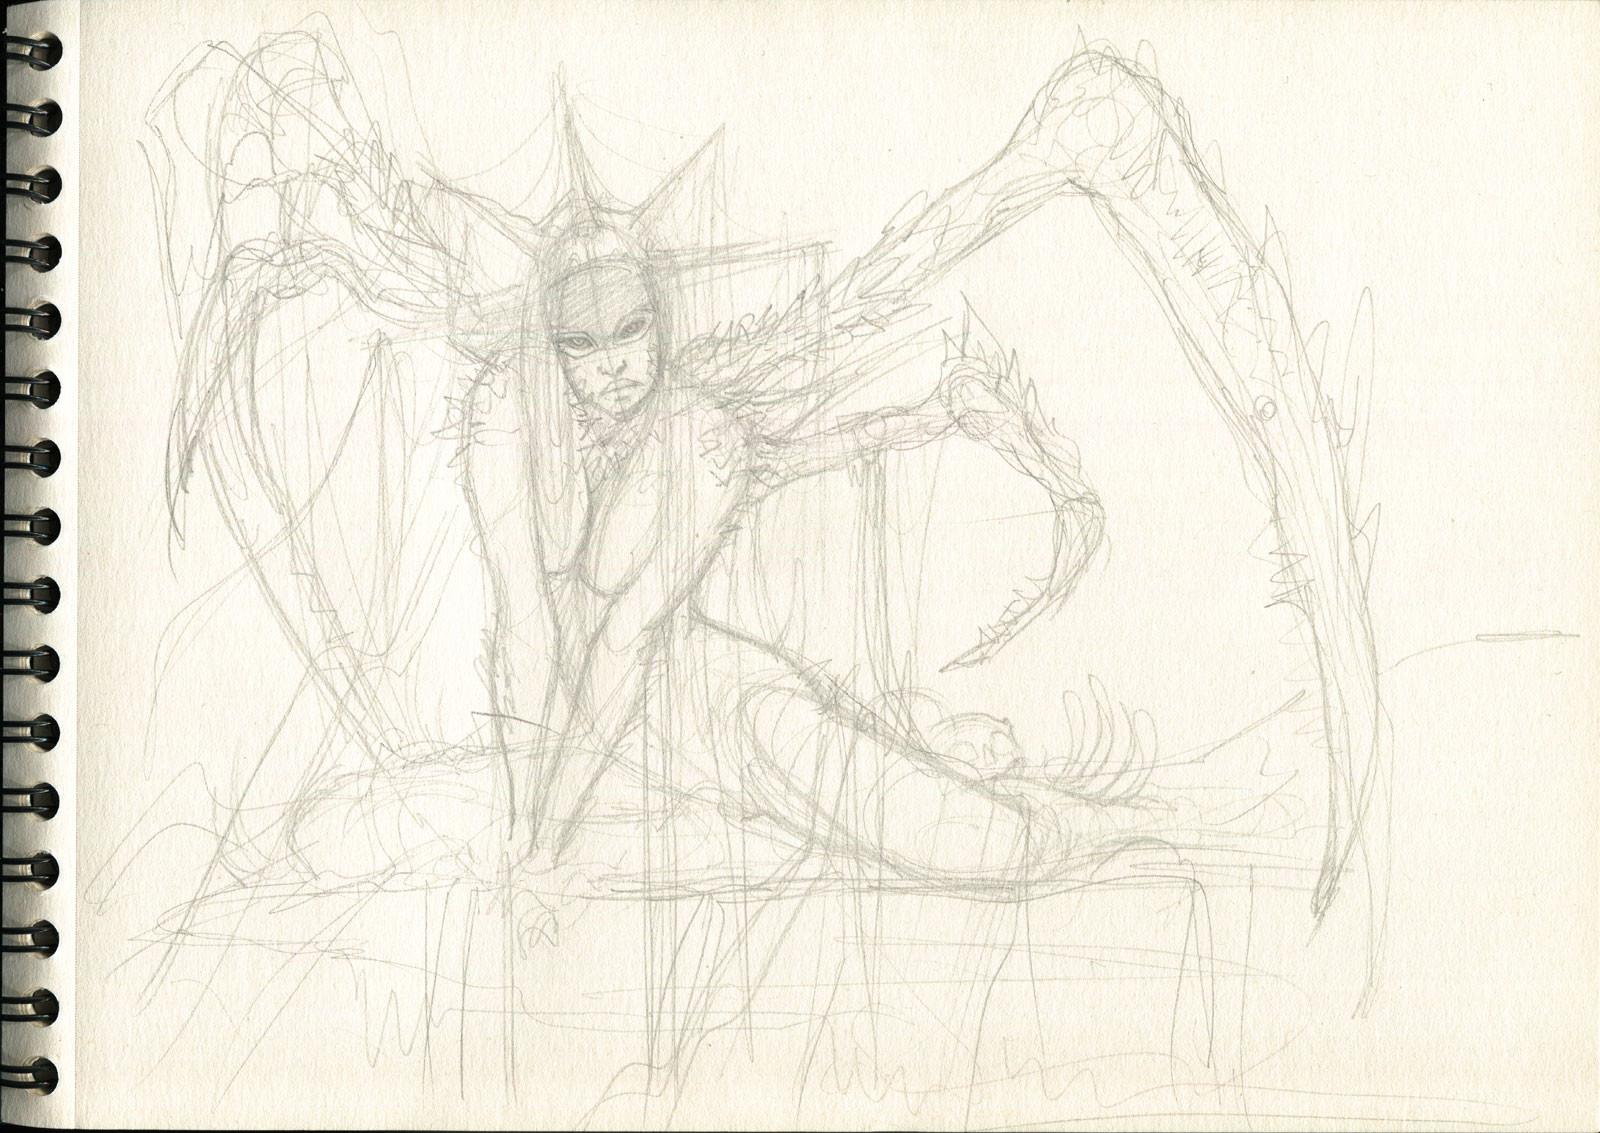 Rafael teruel 1001 nightmares beauty by rafater pencil sketch